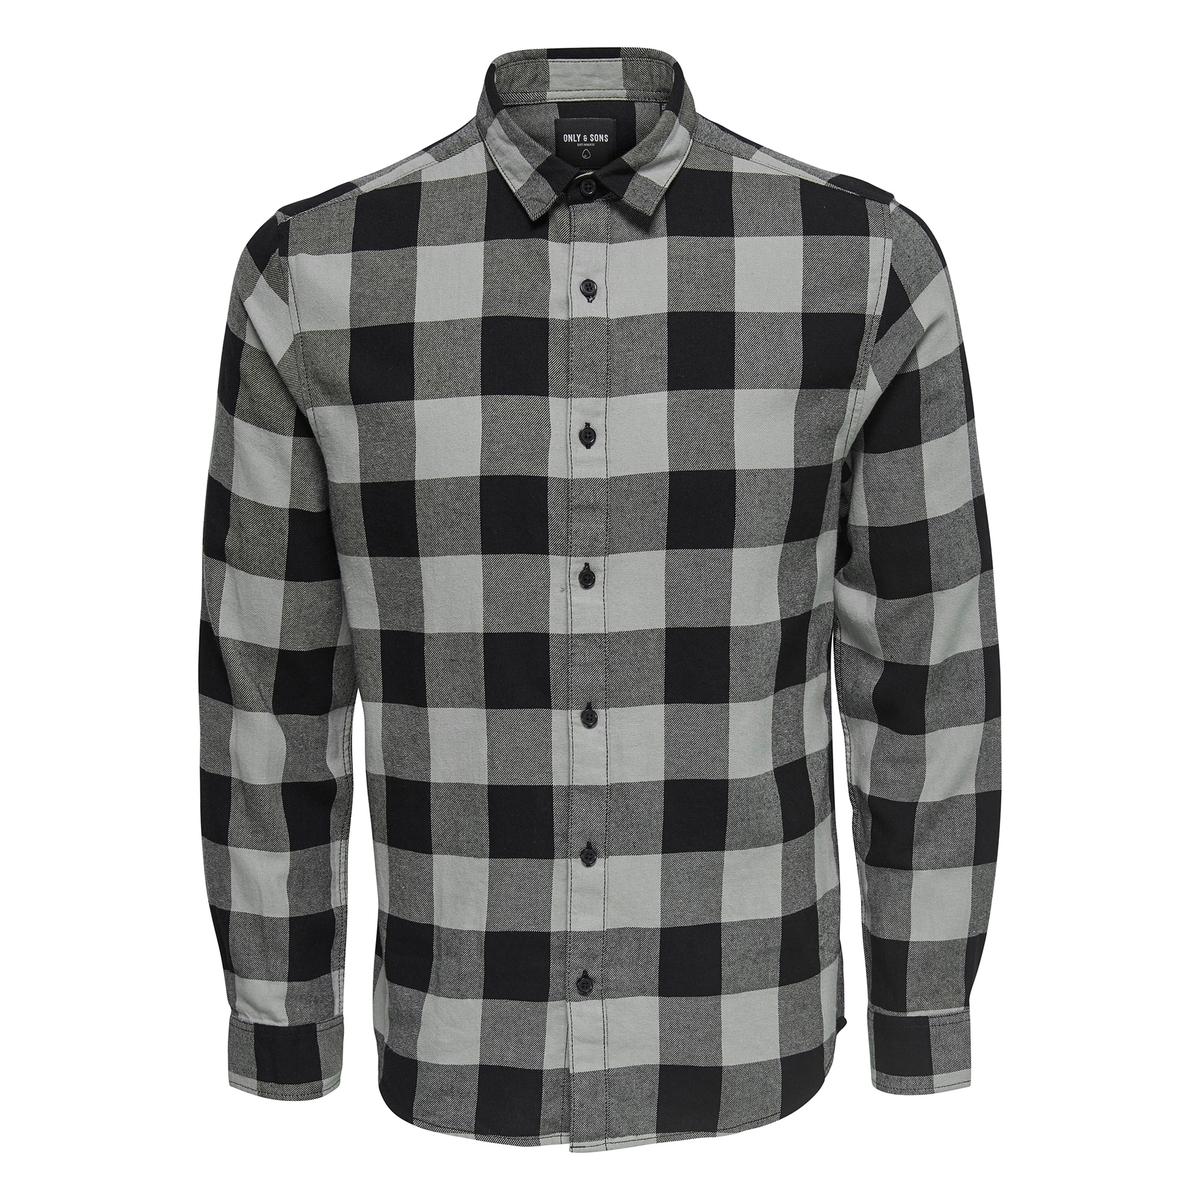 Фото - Рубашка прямого покроя в клетку с длинными рукавами рубашка однотонная прямого покроя с короткими рукавами 100% лен